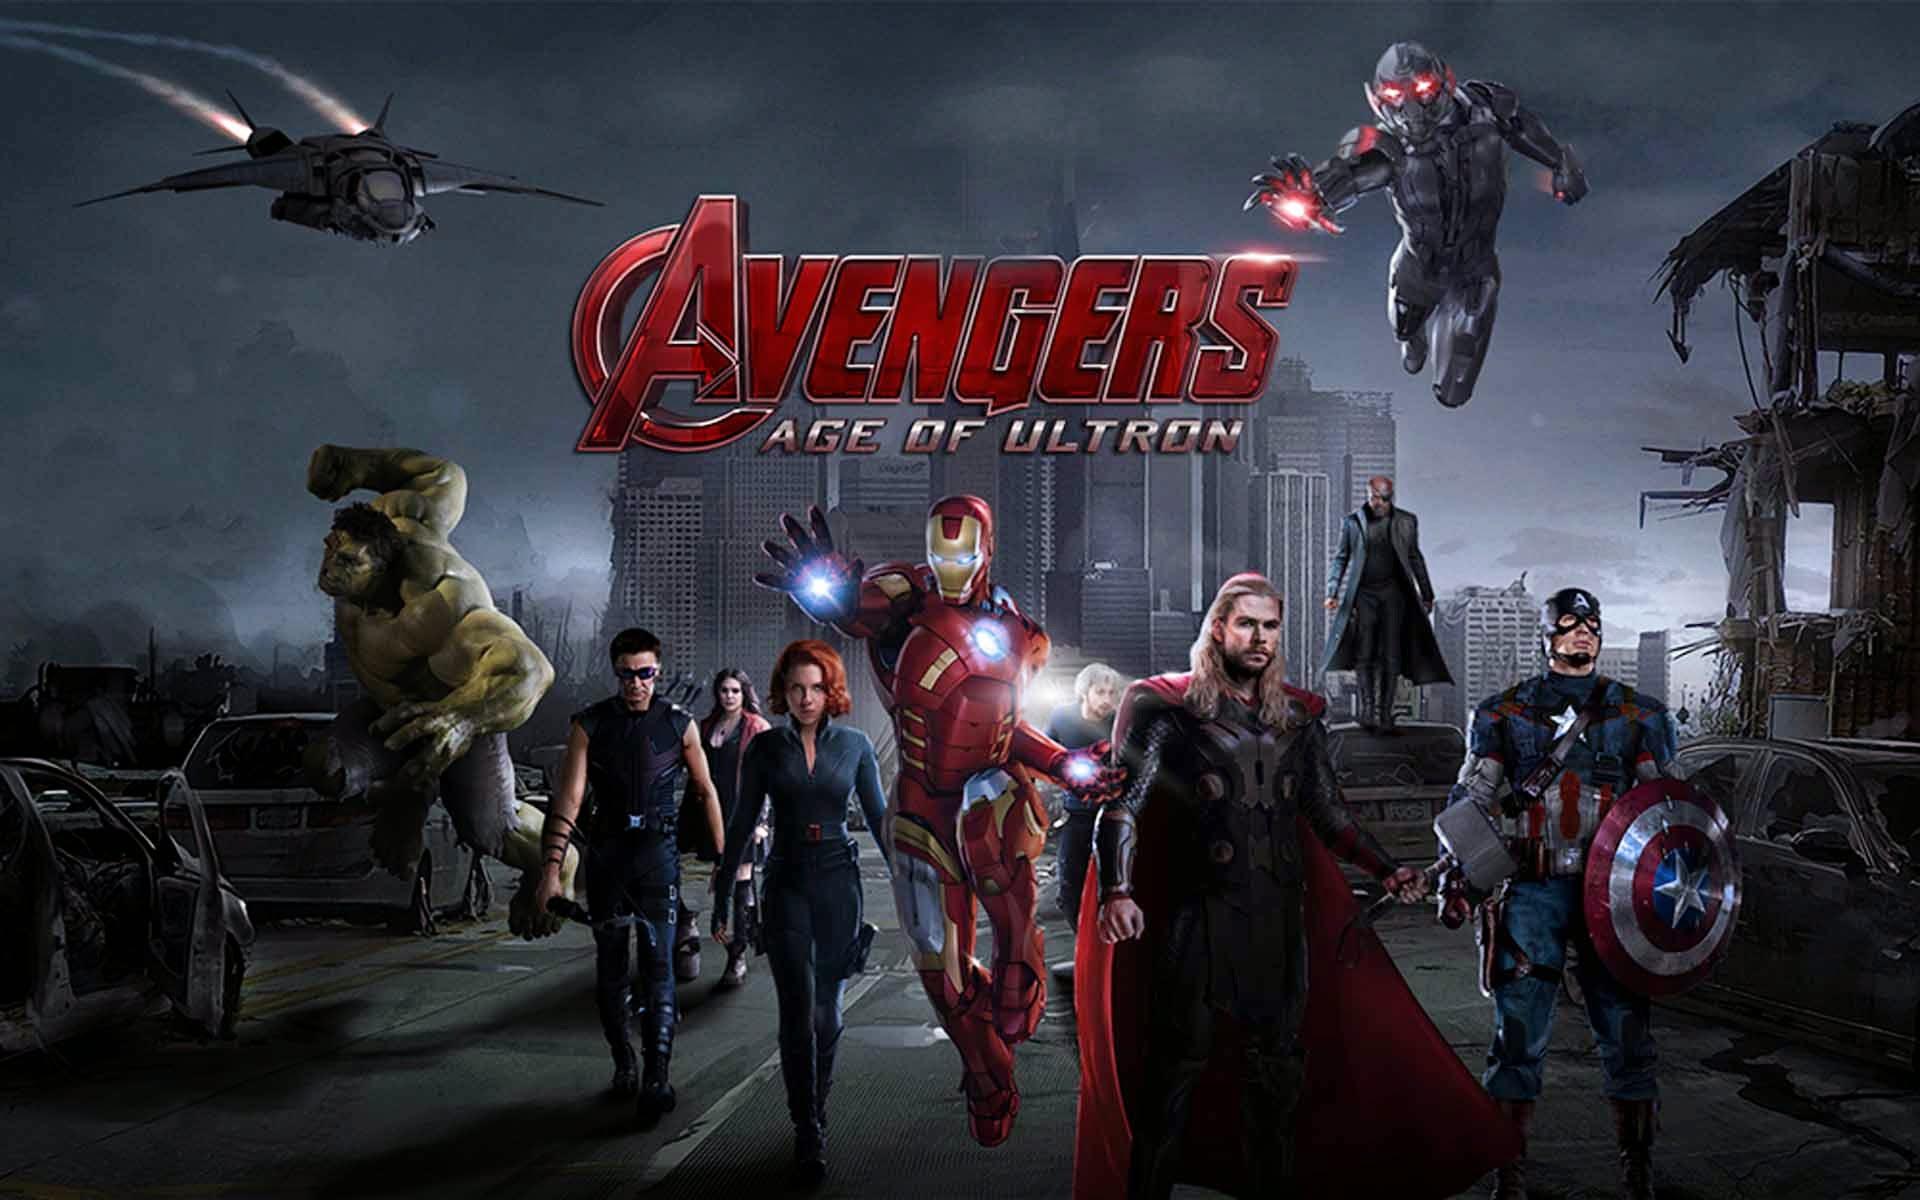 Οι Εκδικητές: Η Εποχή του Ultron (Avengers: Age of Ultron) Wallpaper